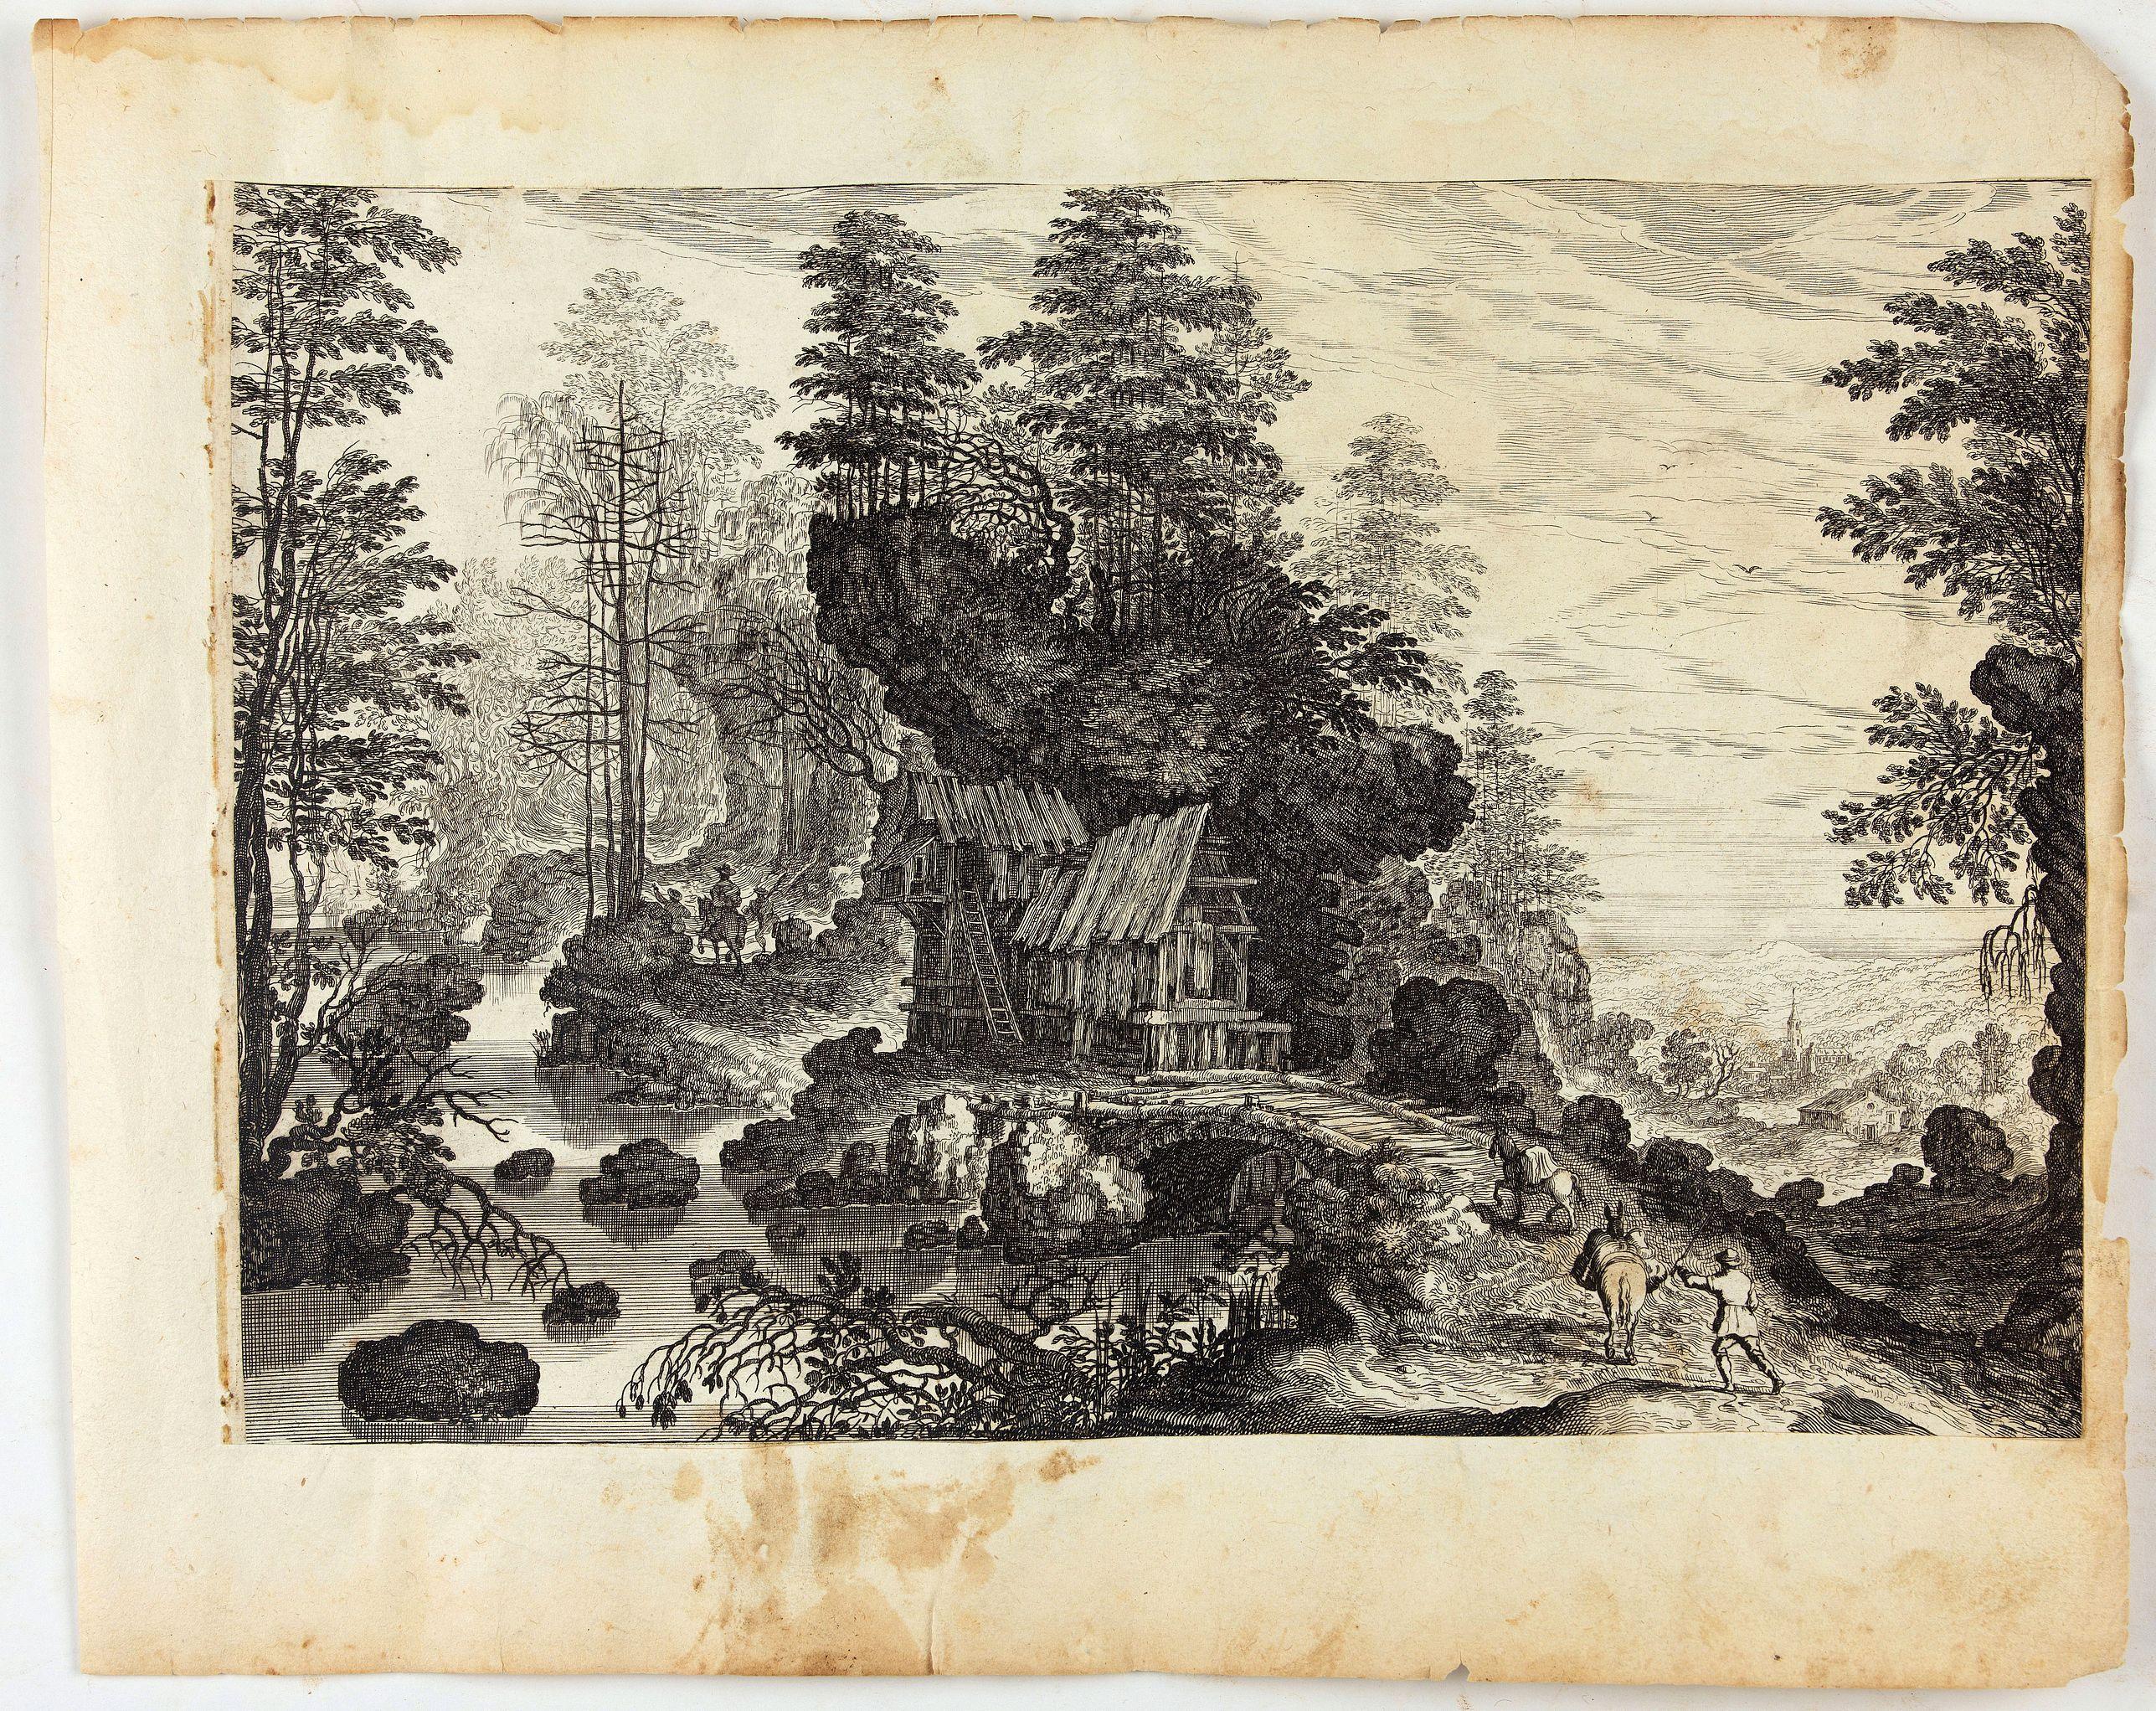 MAIOR, I. -  Blick auf eine Waldlandschaft mit reisenden Männern und einem Dorf in der Ferne.